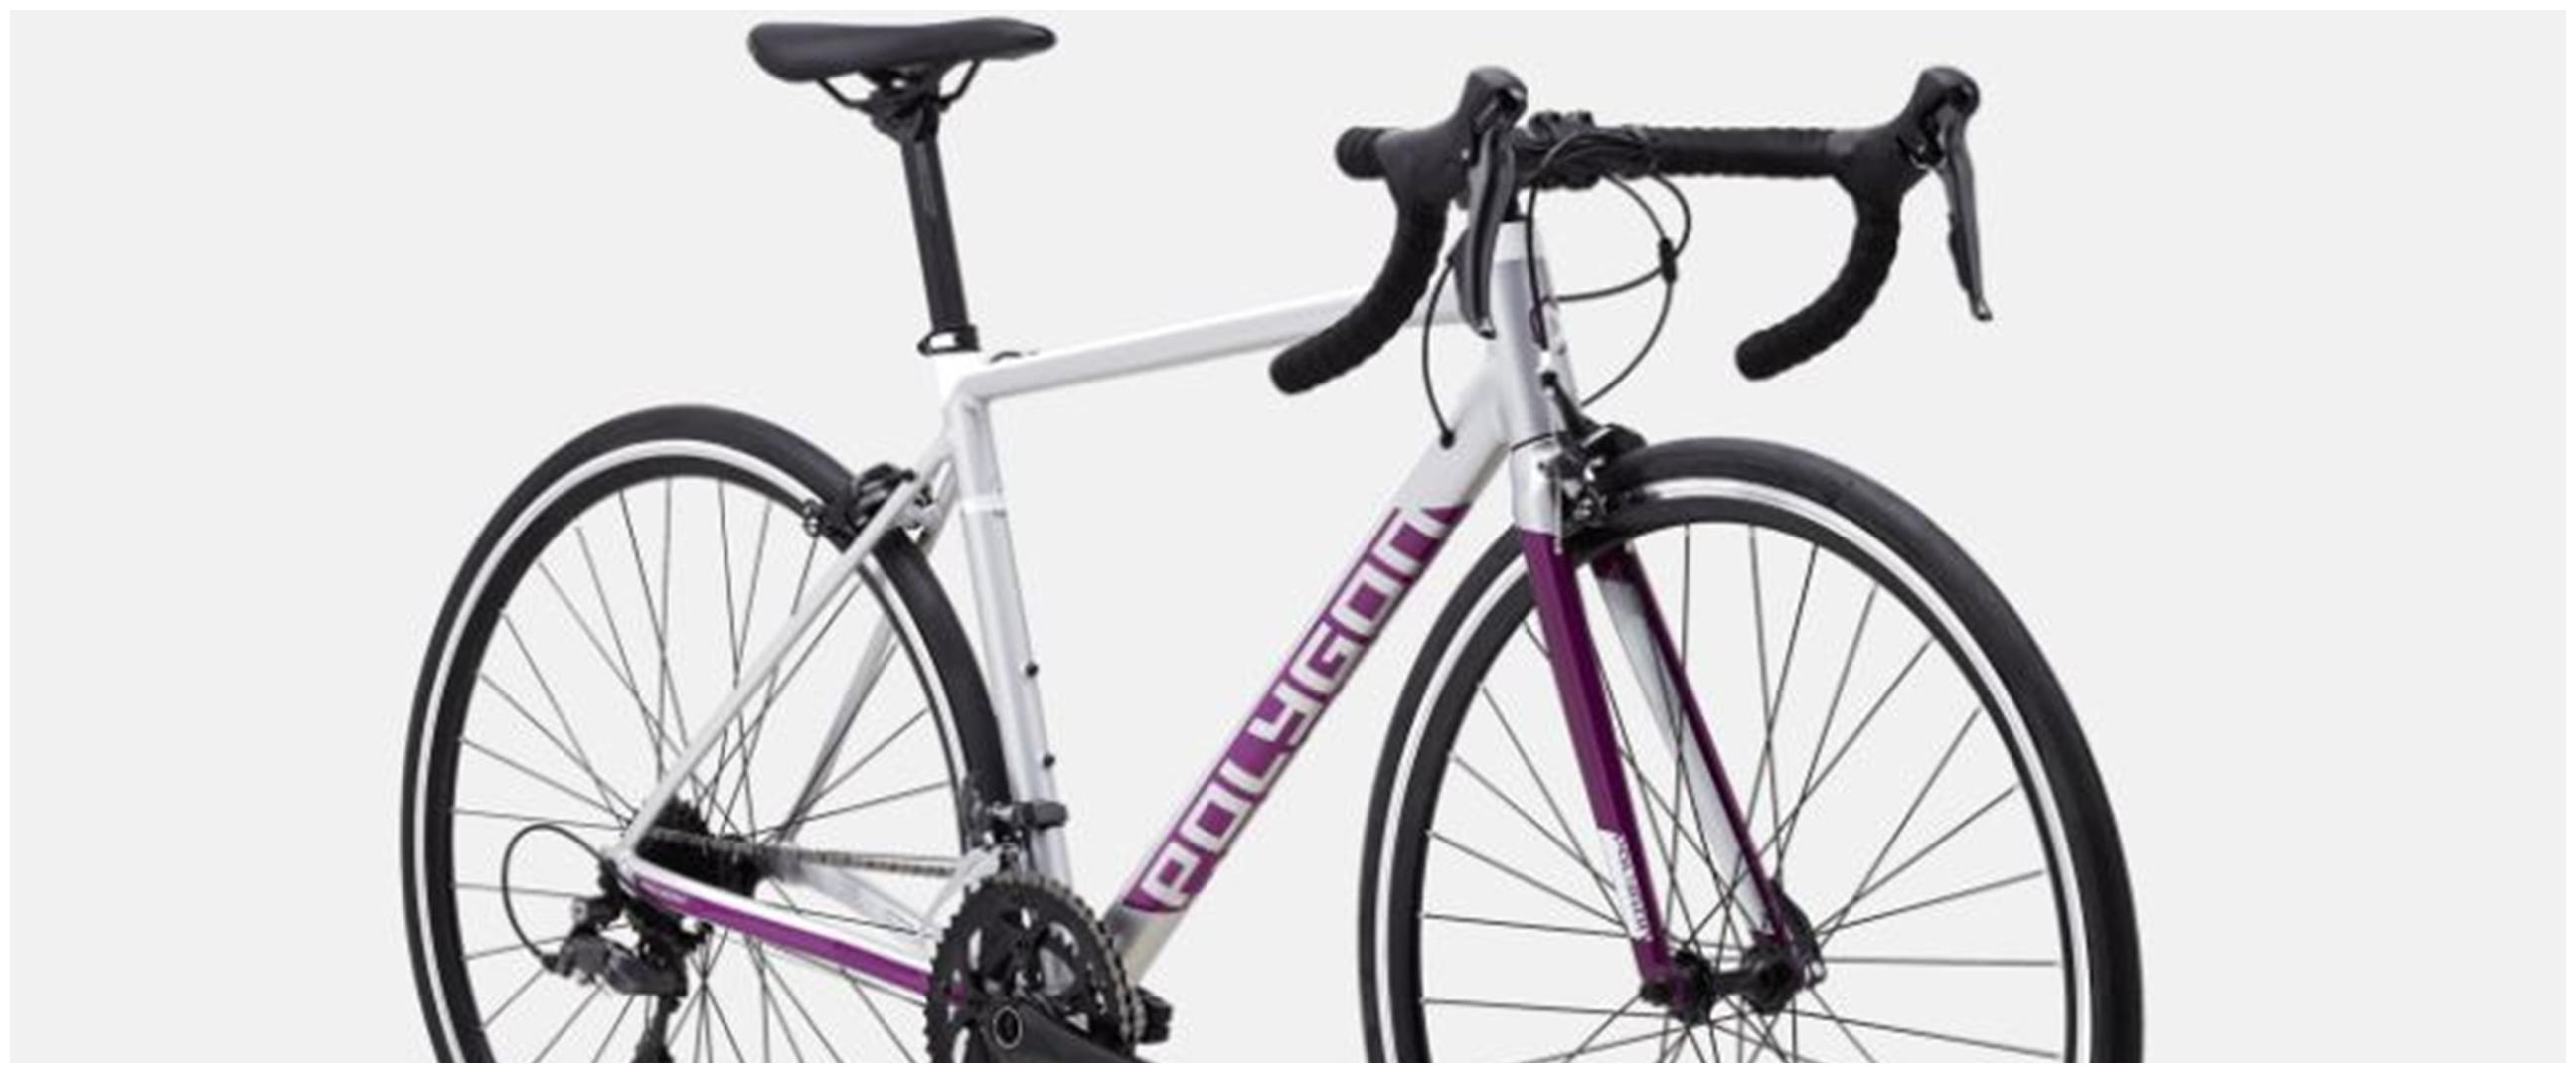 Harga sepeda Polygon Strattos S2 dan spesifikasinya, kece dan tangguh